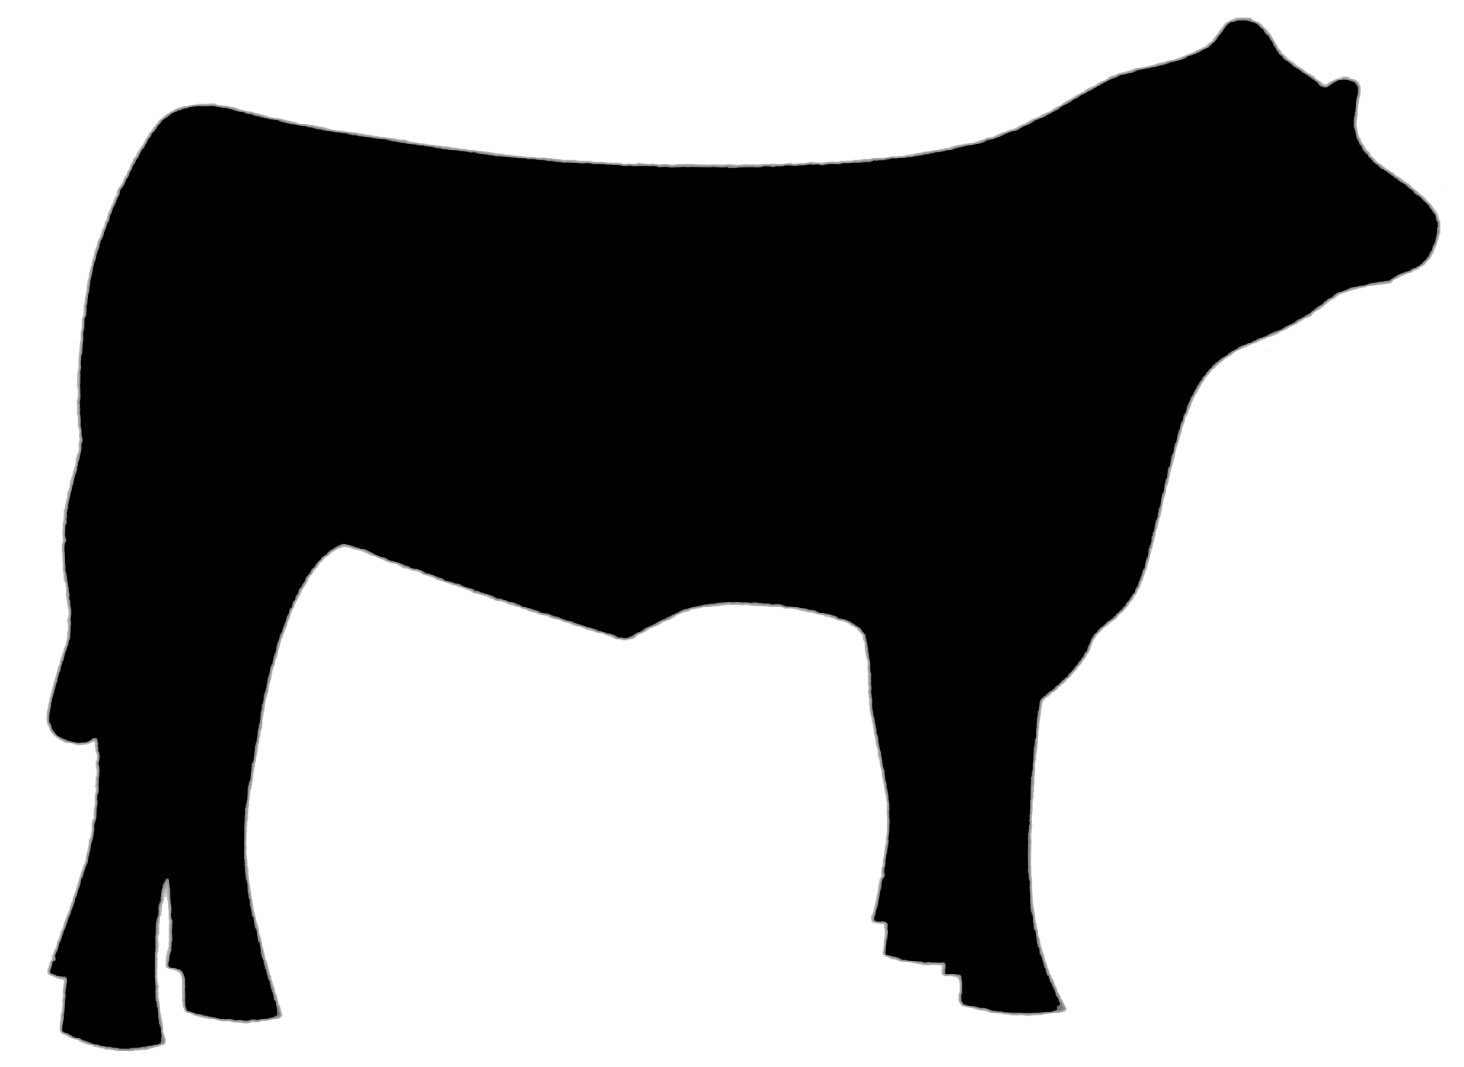 Cow Silhouette Clip Art. 9d62175f8c073d6-cow silhouette clip art. 9d62175f8c073d673784d0164da02a .-9